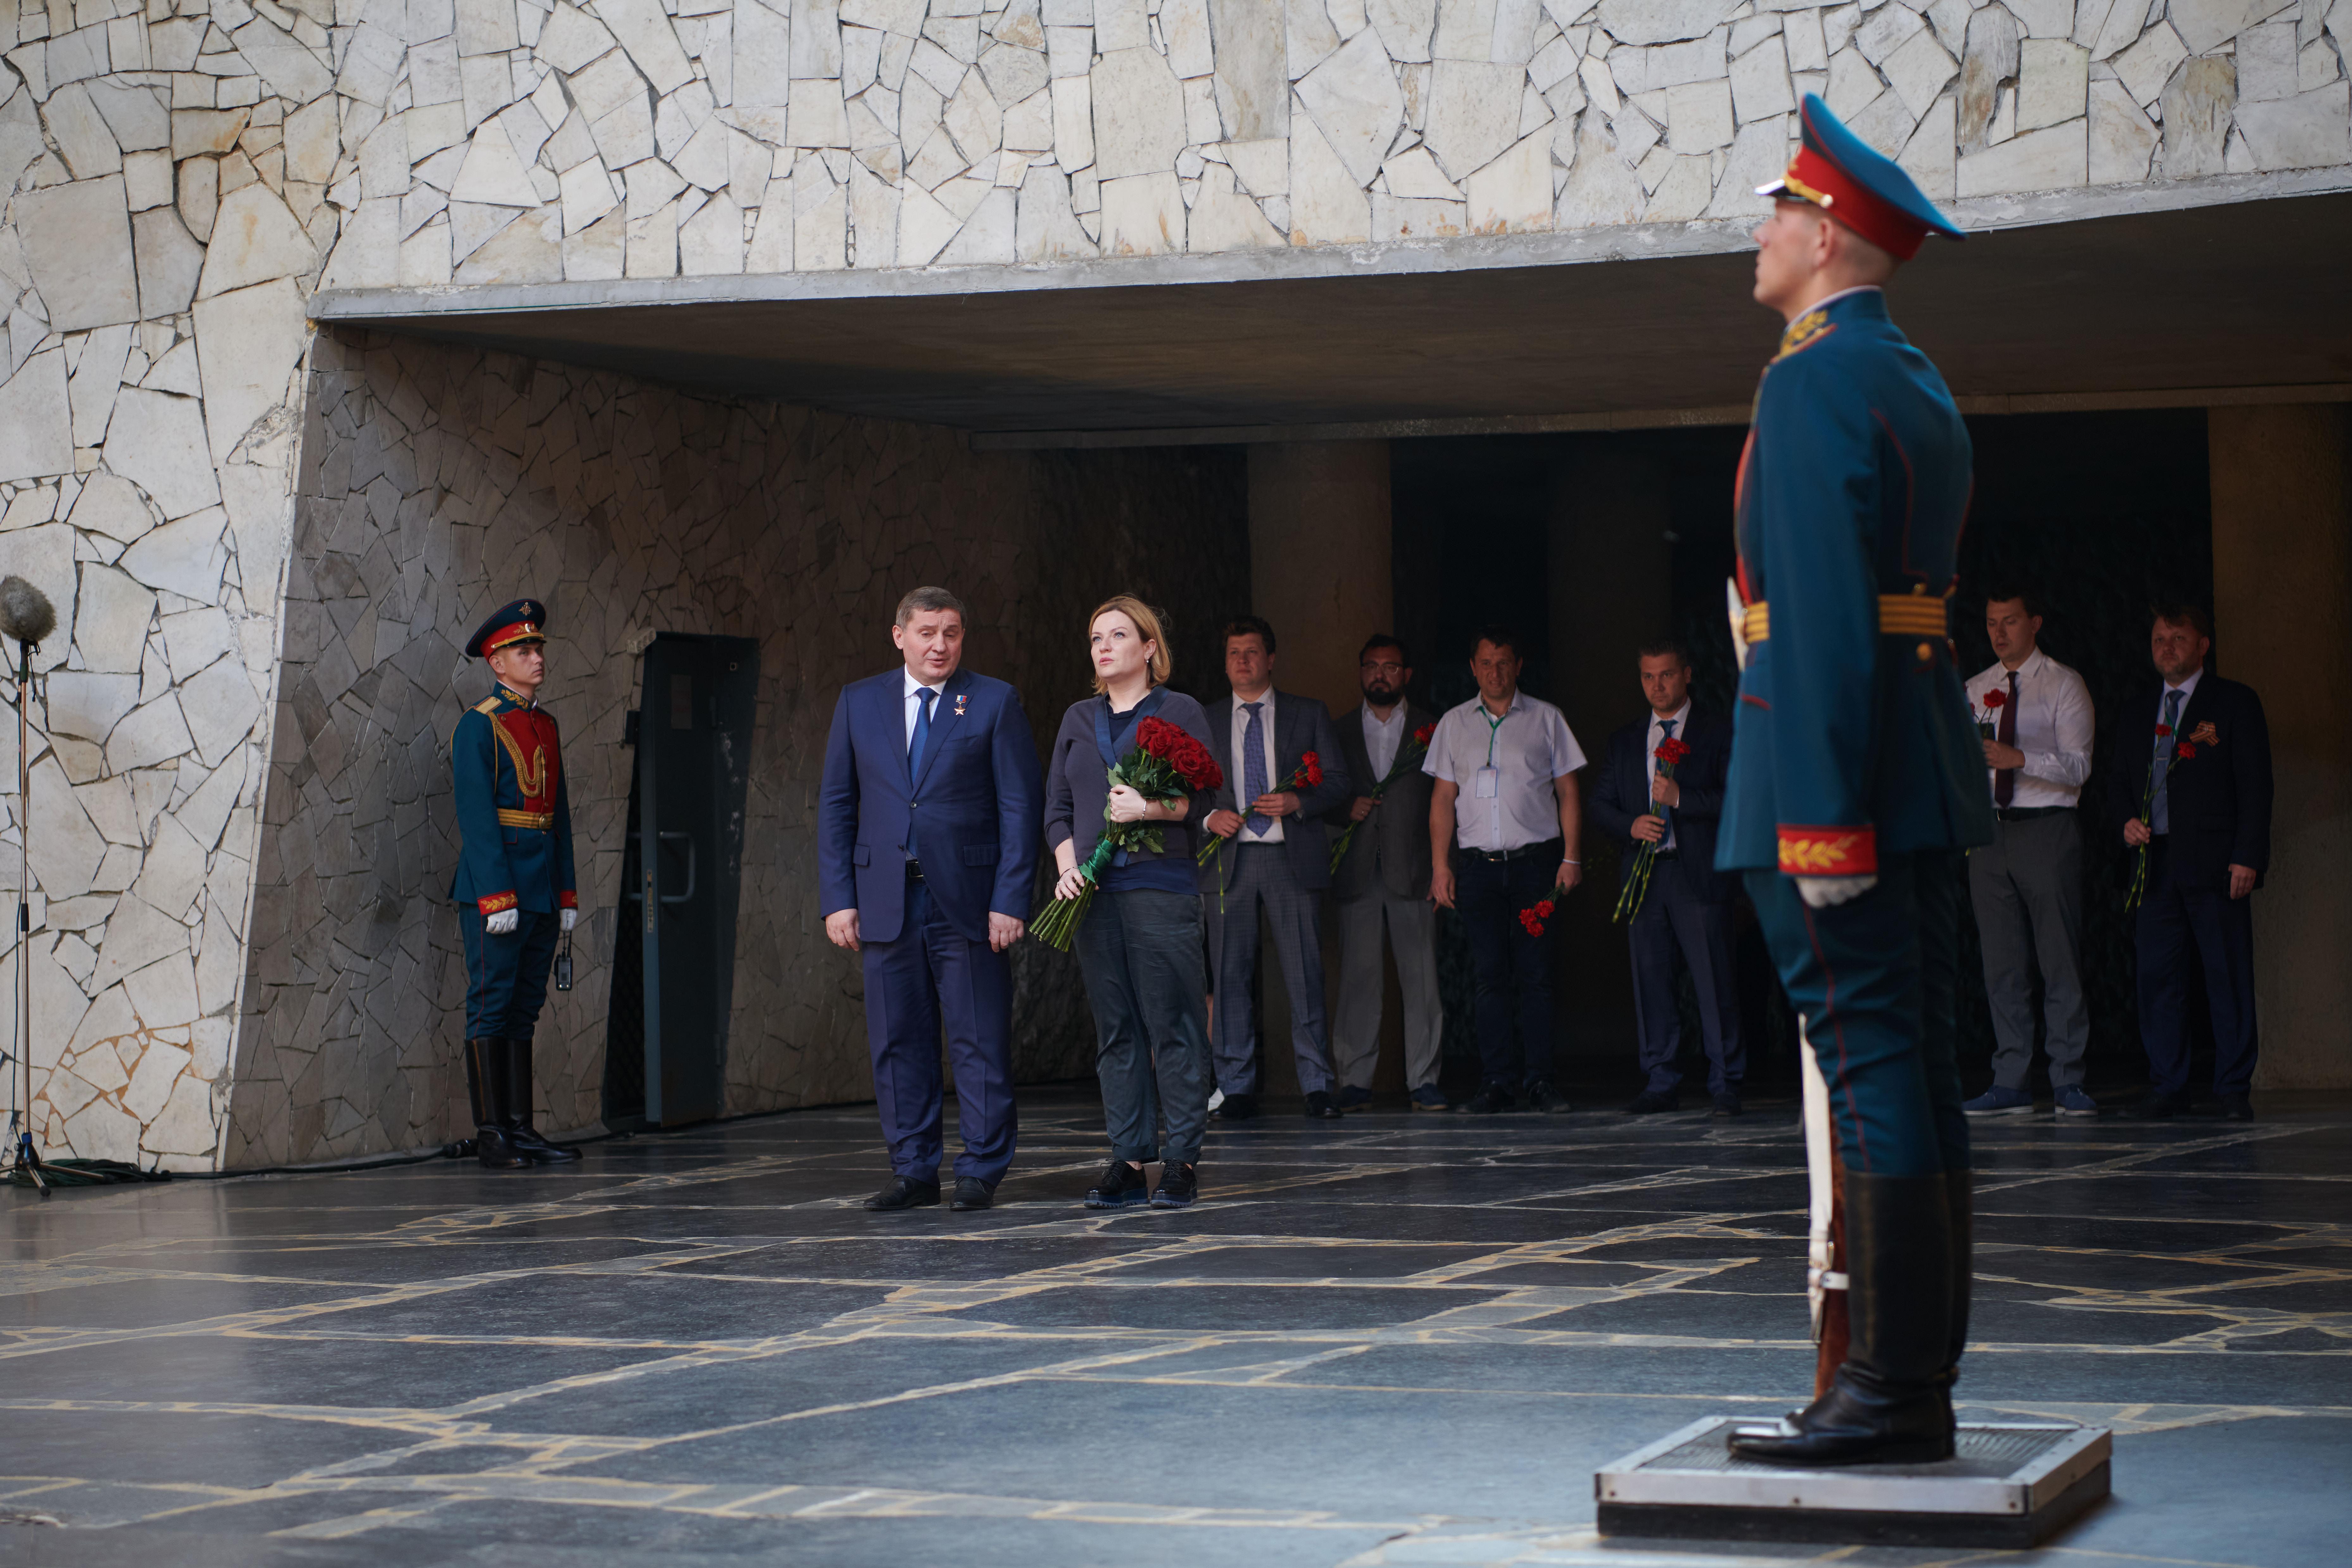 """В Волгограде торжественно открыли скульптуру """" Родина-мать зовёт!"""" после реставрации"""